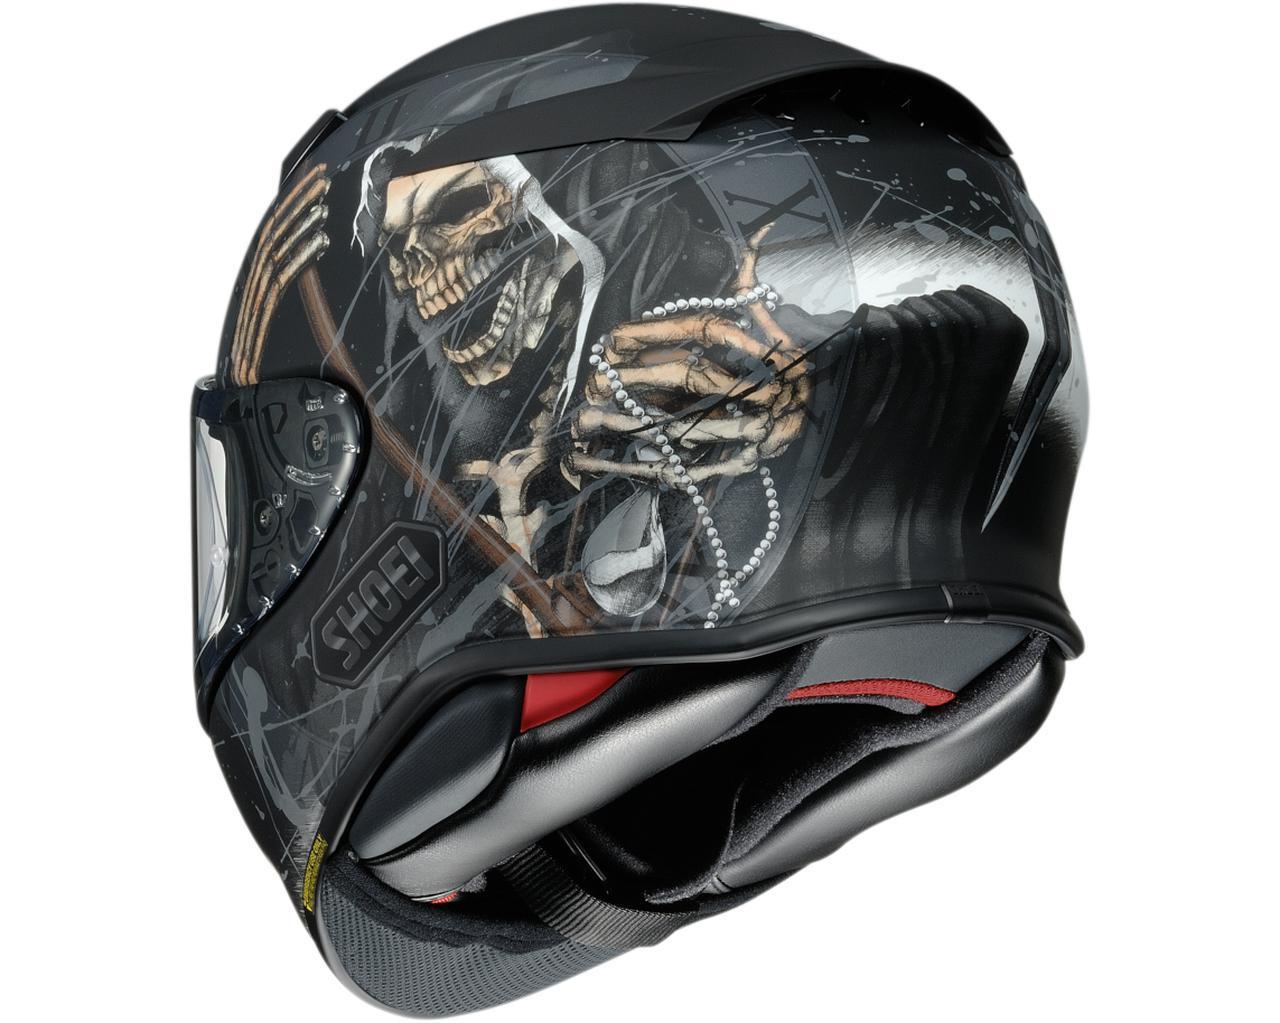 画像3: SHOEIの新型ヘルメット「Z-8」グラフィックモデル・まとめ|2021年5月末までに6モデル計13種のカラーが登場